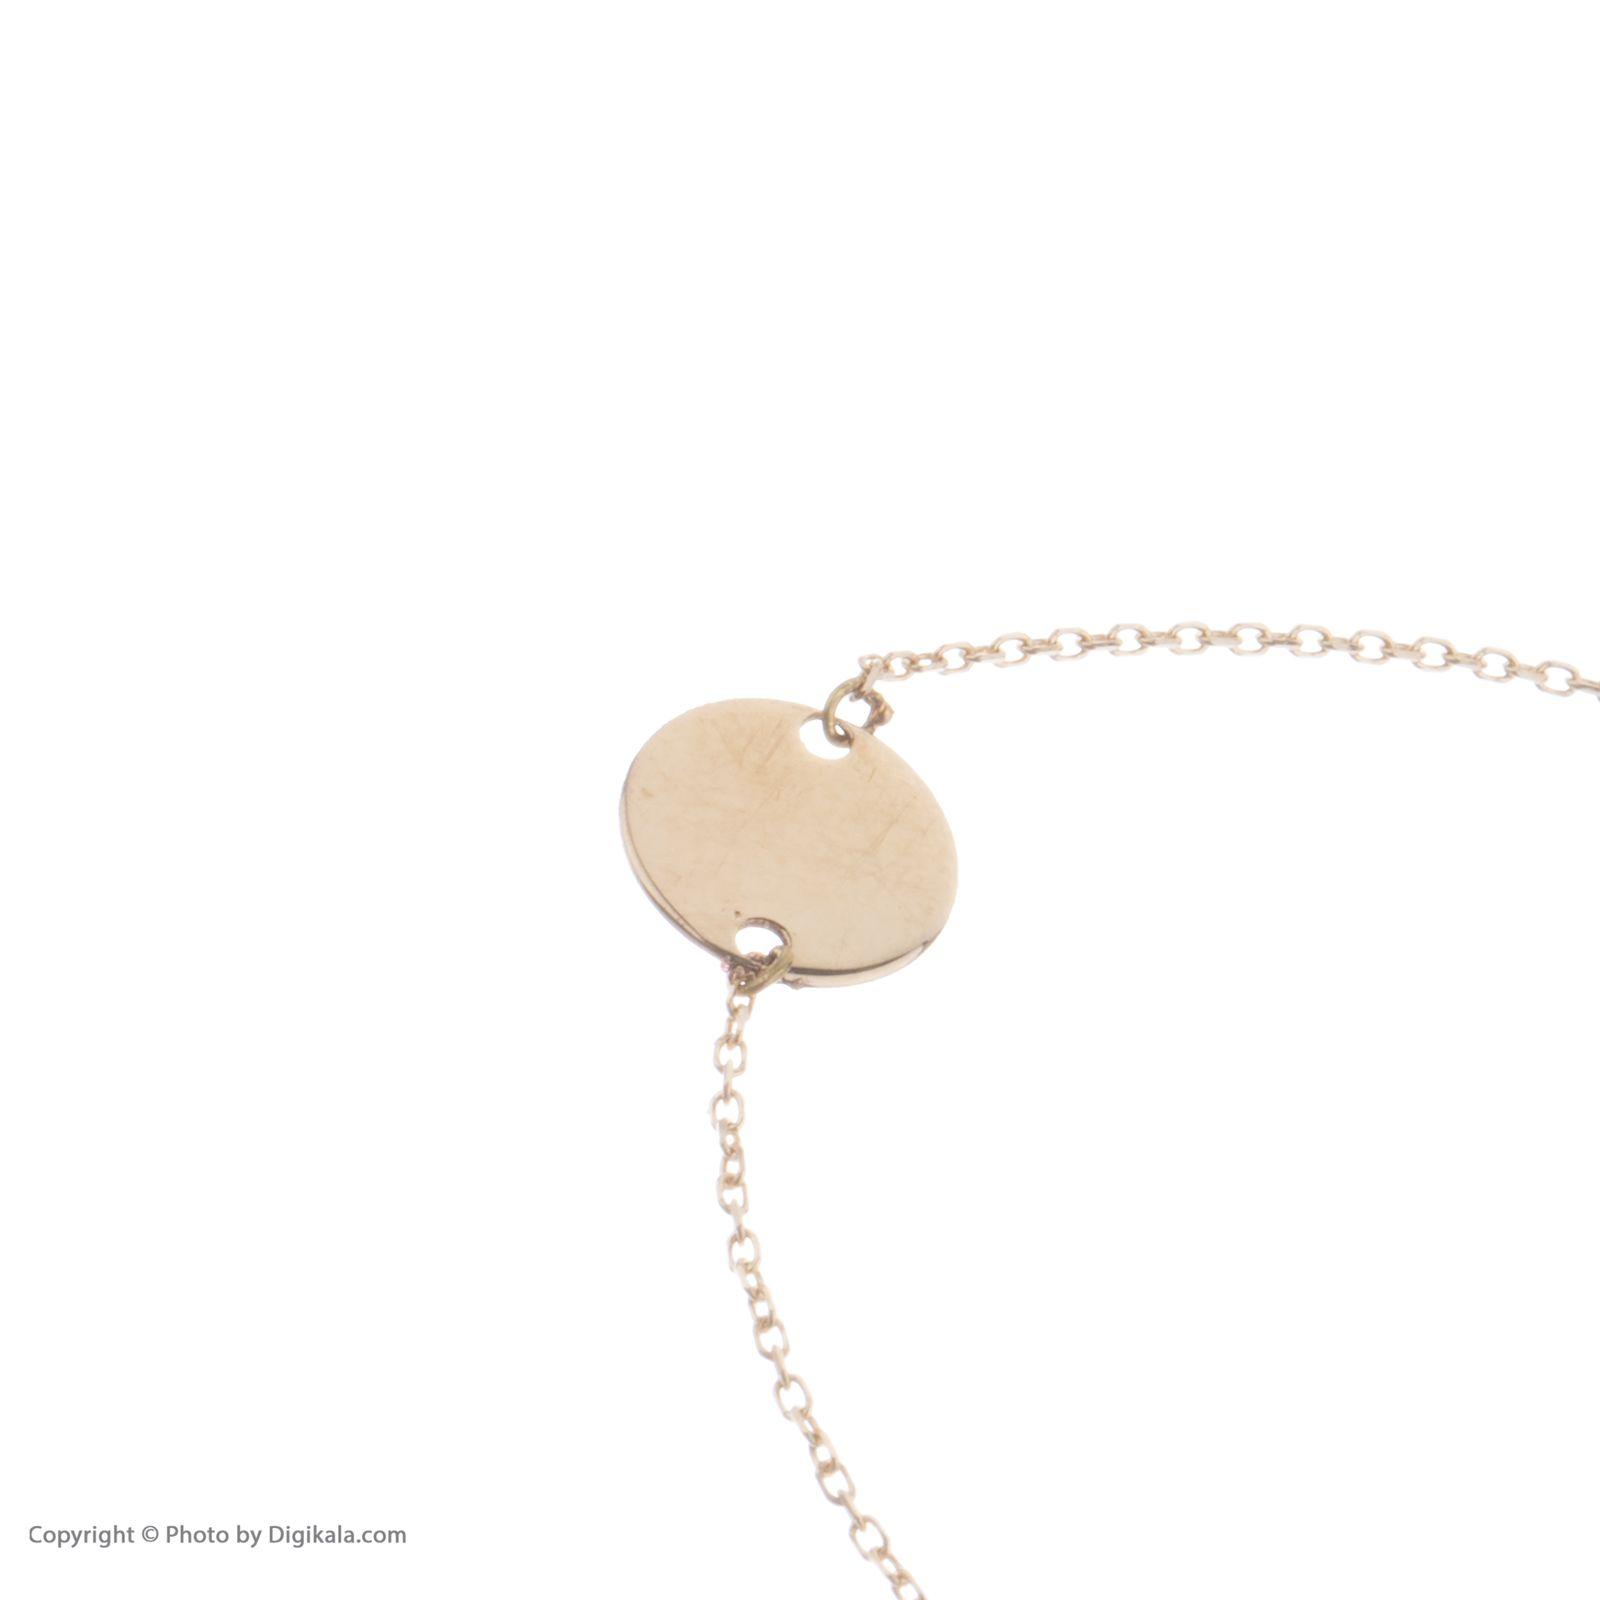 دستبند طلا 18 عیار زنانه نیوانی مدل DA628  -  - 2